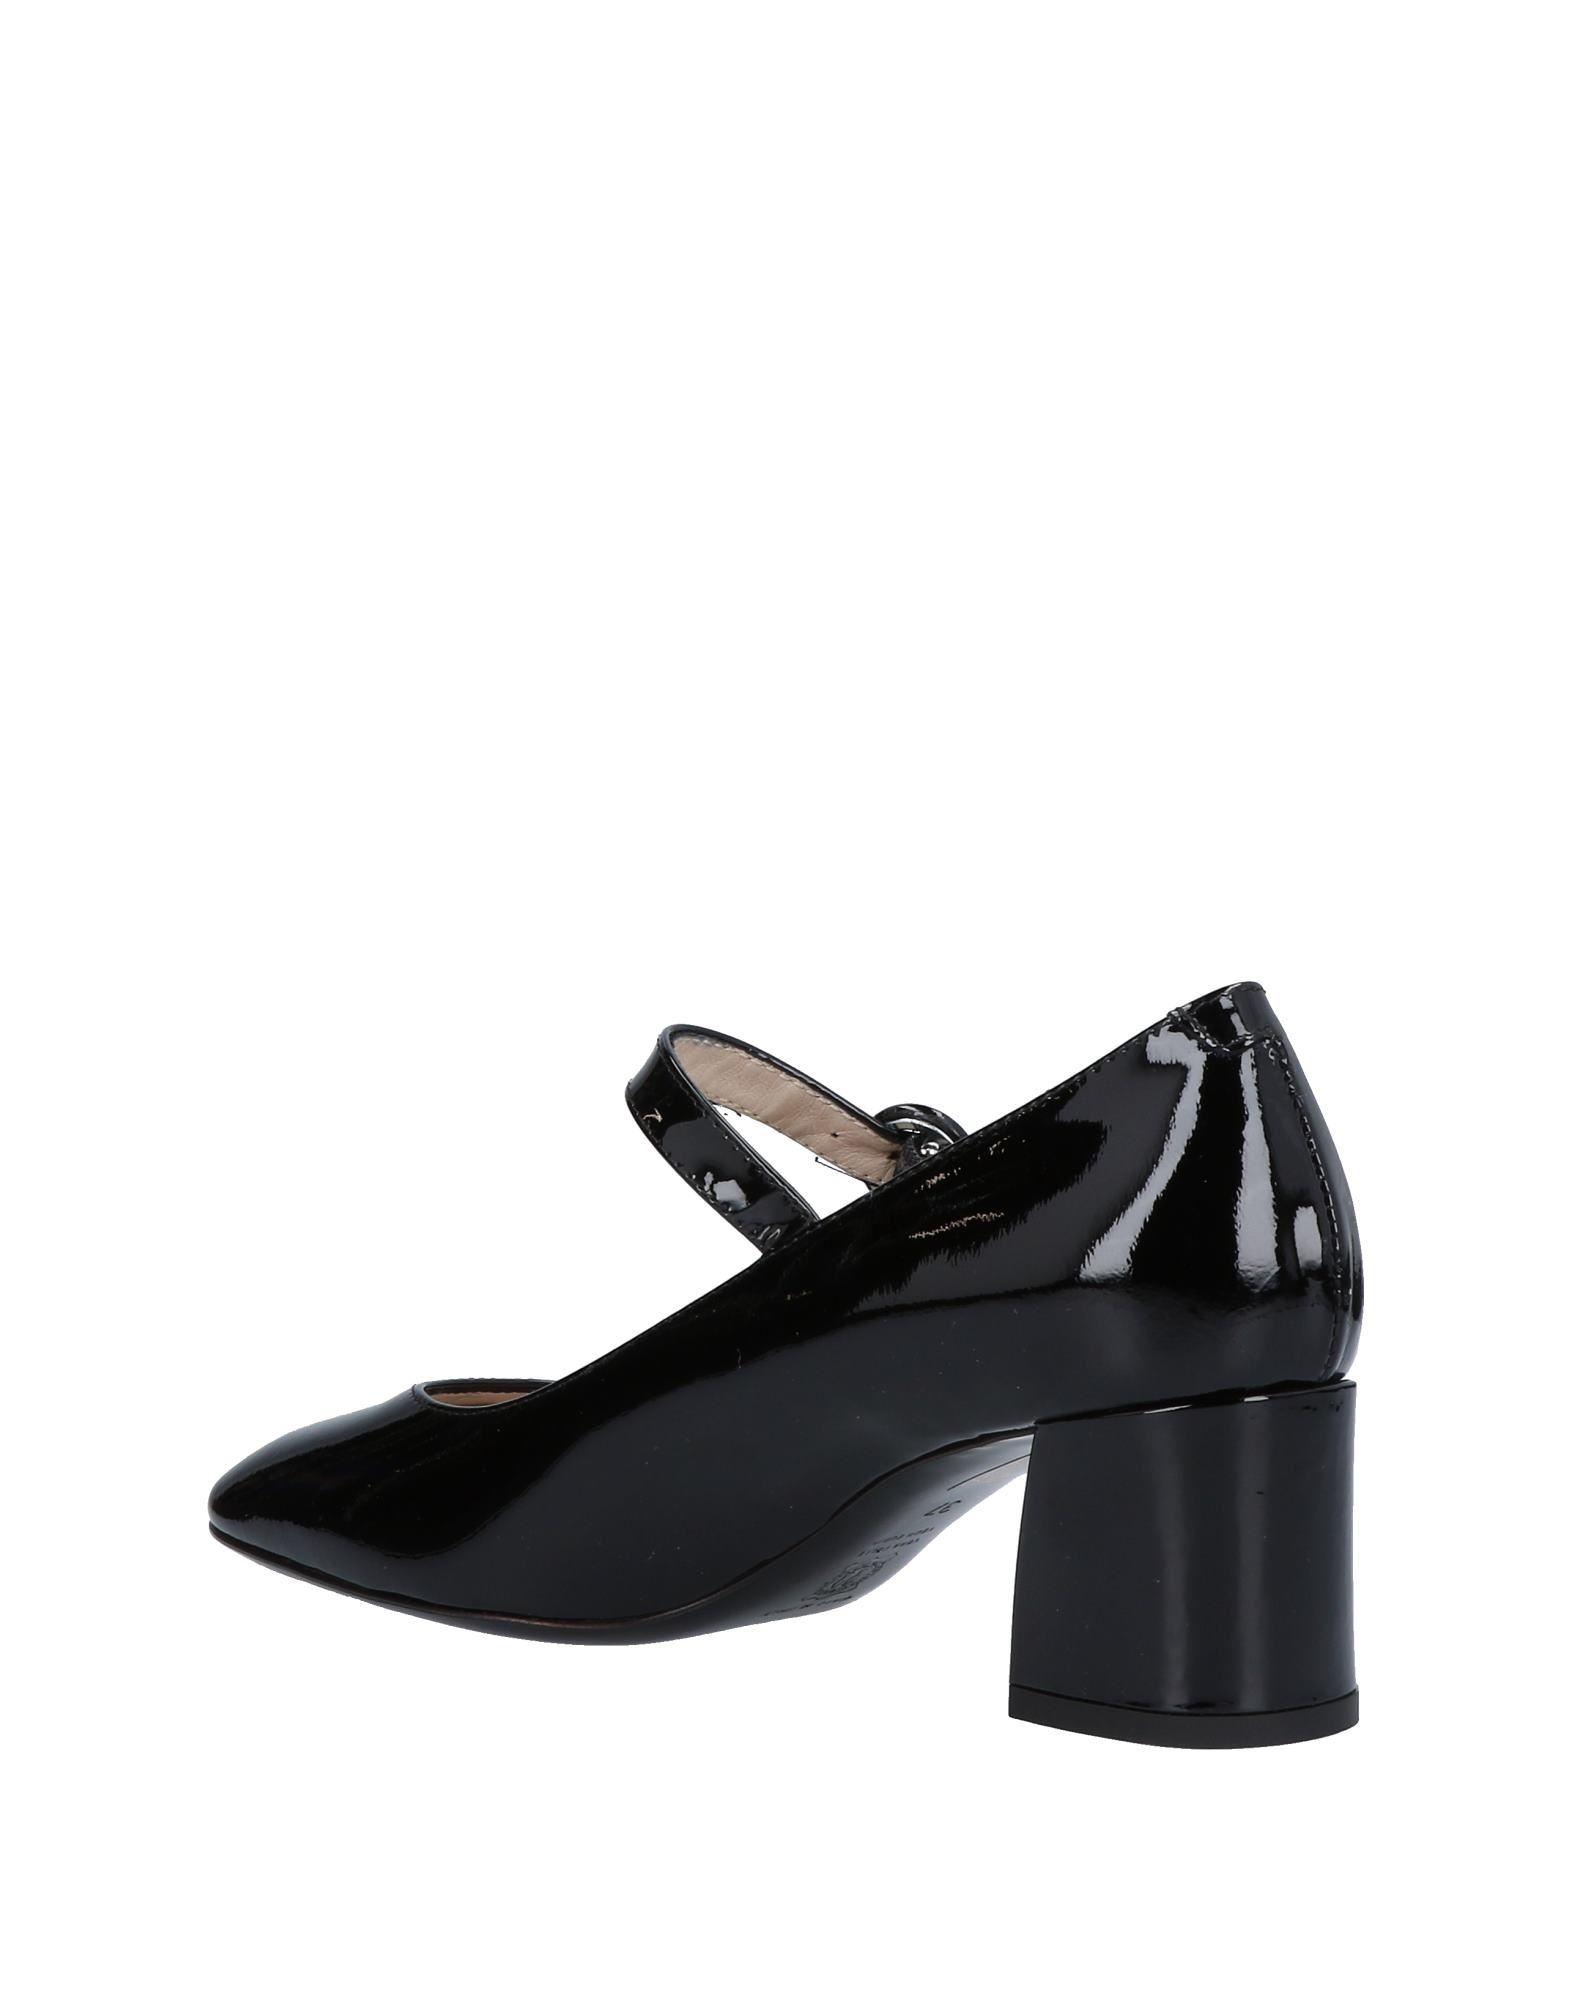 Gut Di um billige Schuhe zu tragenModa Di Gut Fausto Pumps Damen 11460906VN 107502